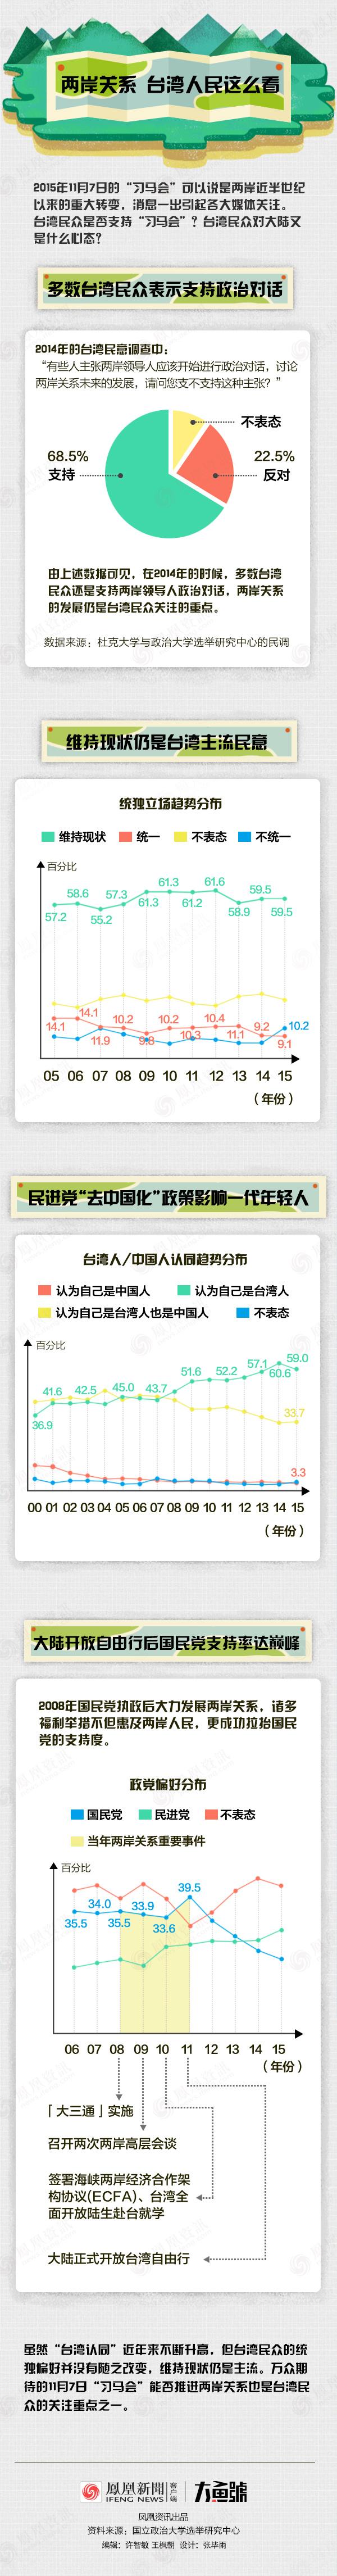 关于两岸关系 台湾人民是怎么看的? - 海阔山遥 - .